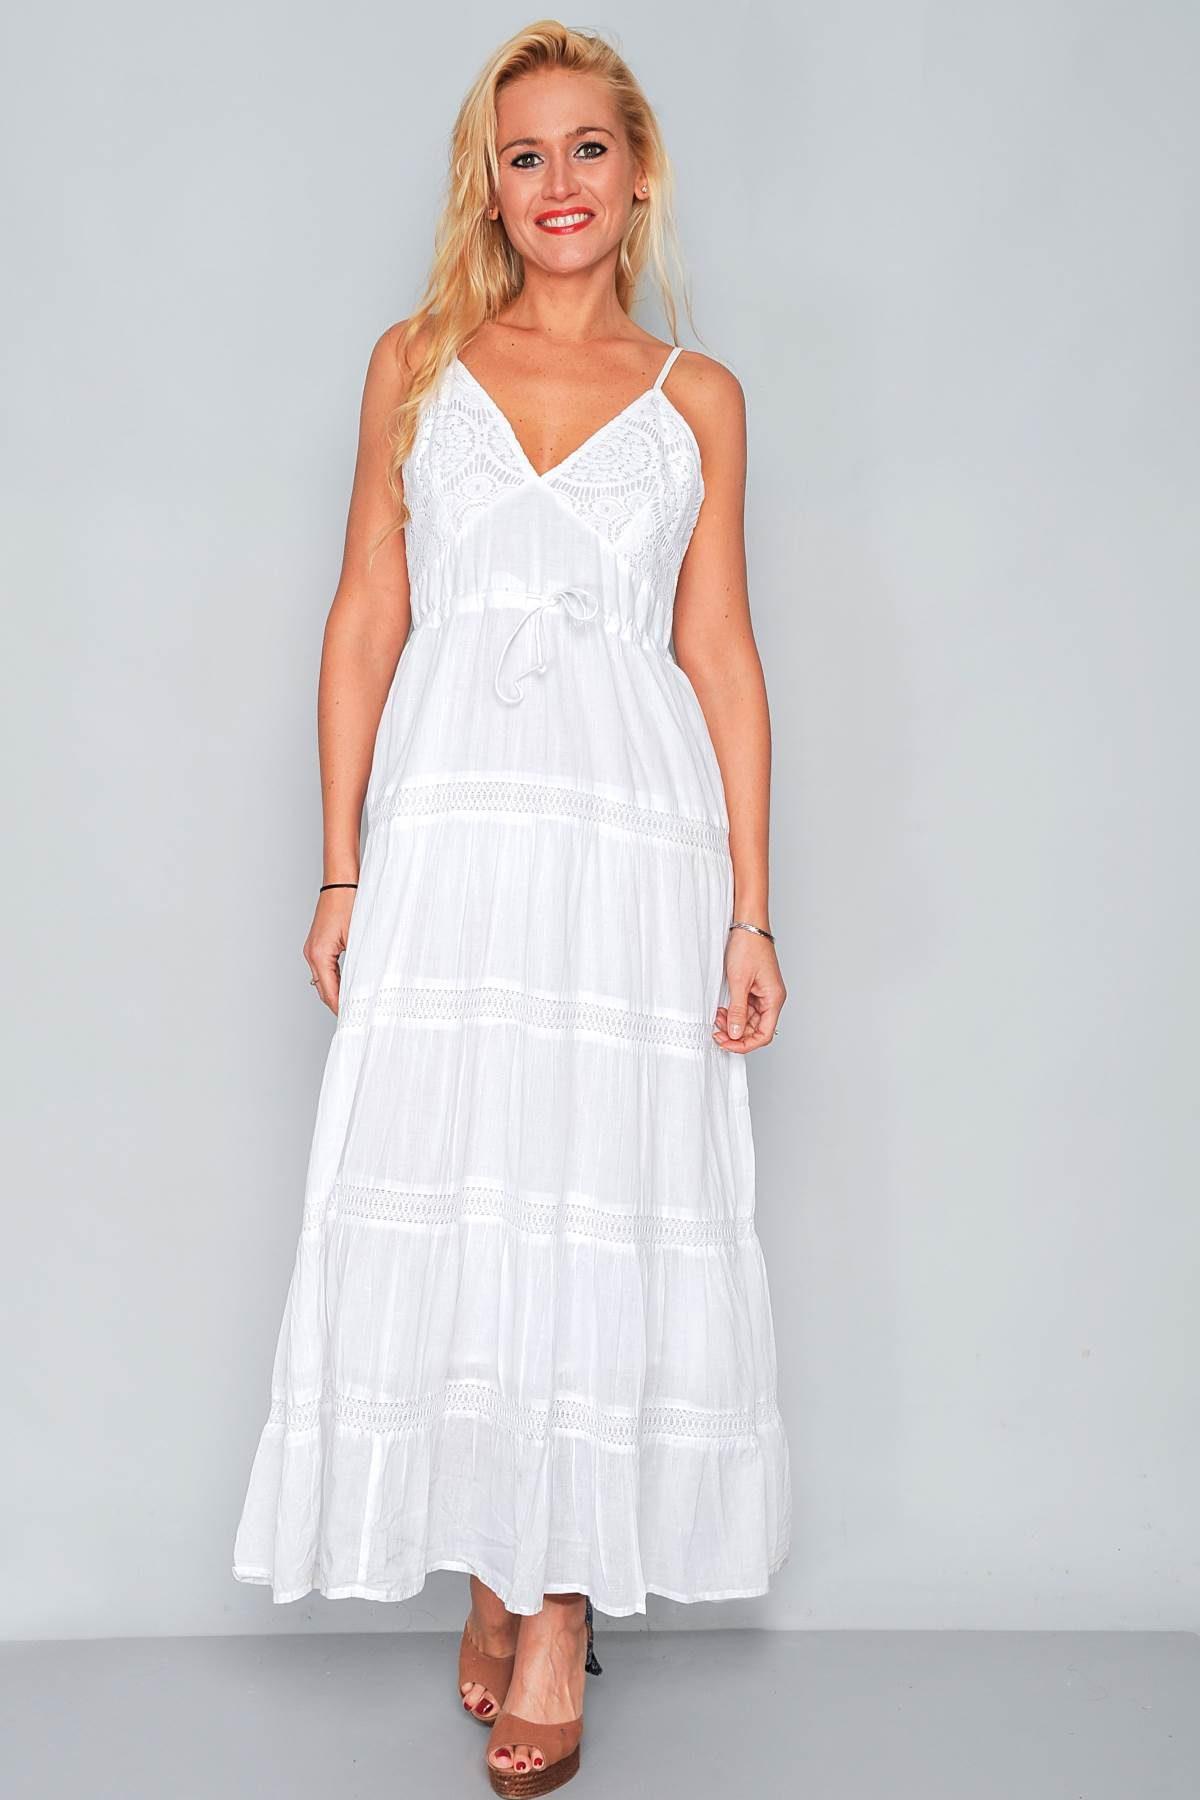 huge discount e8915 e0746 Abito lungo bianco in cotone - FRANK LISITANO Store